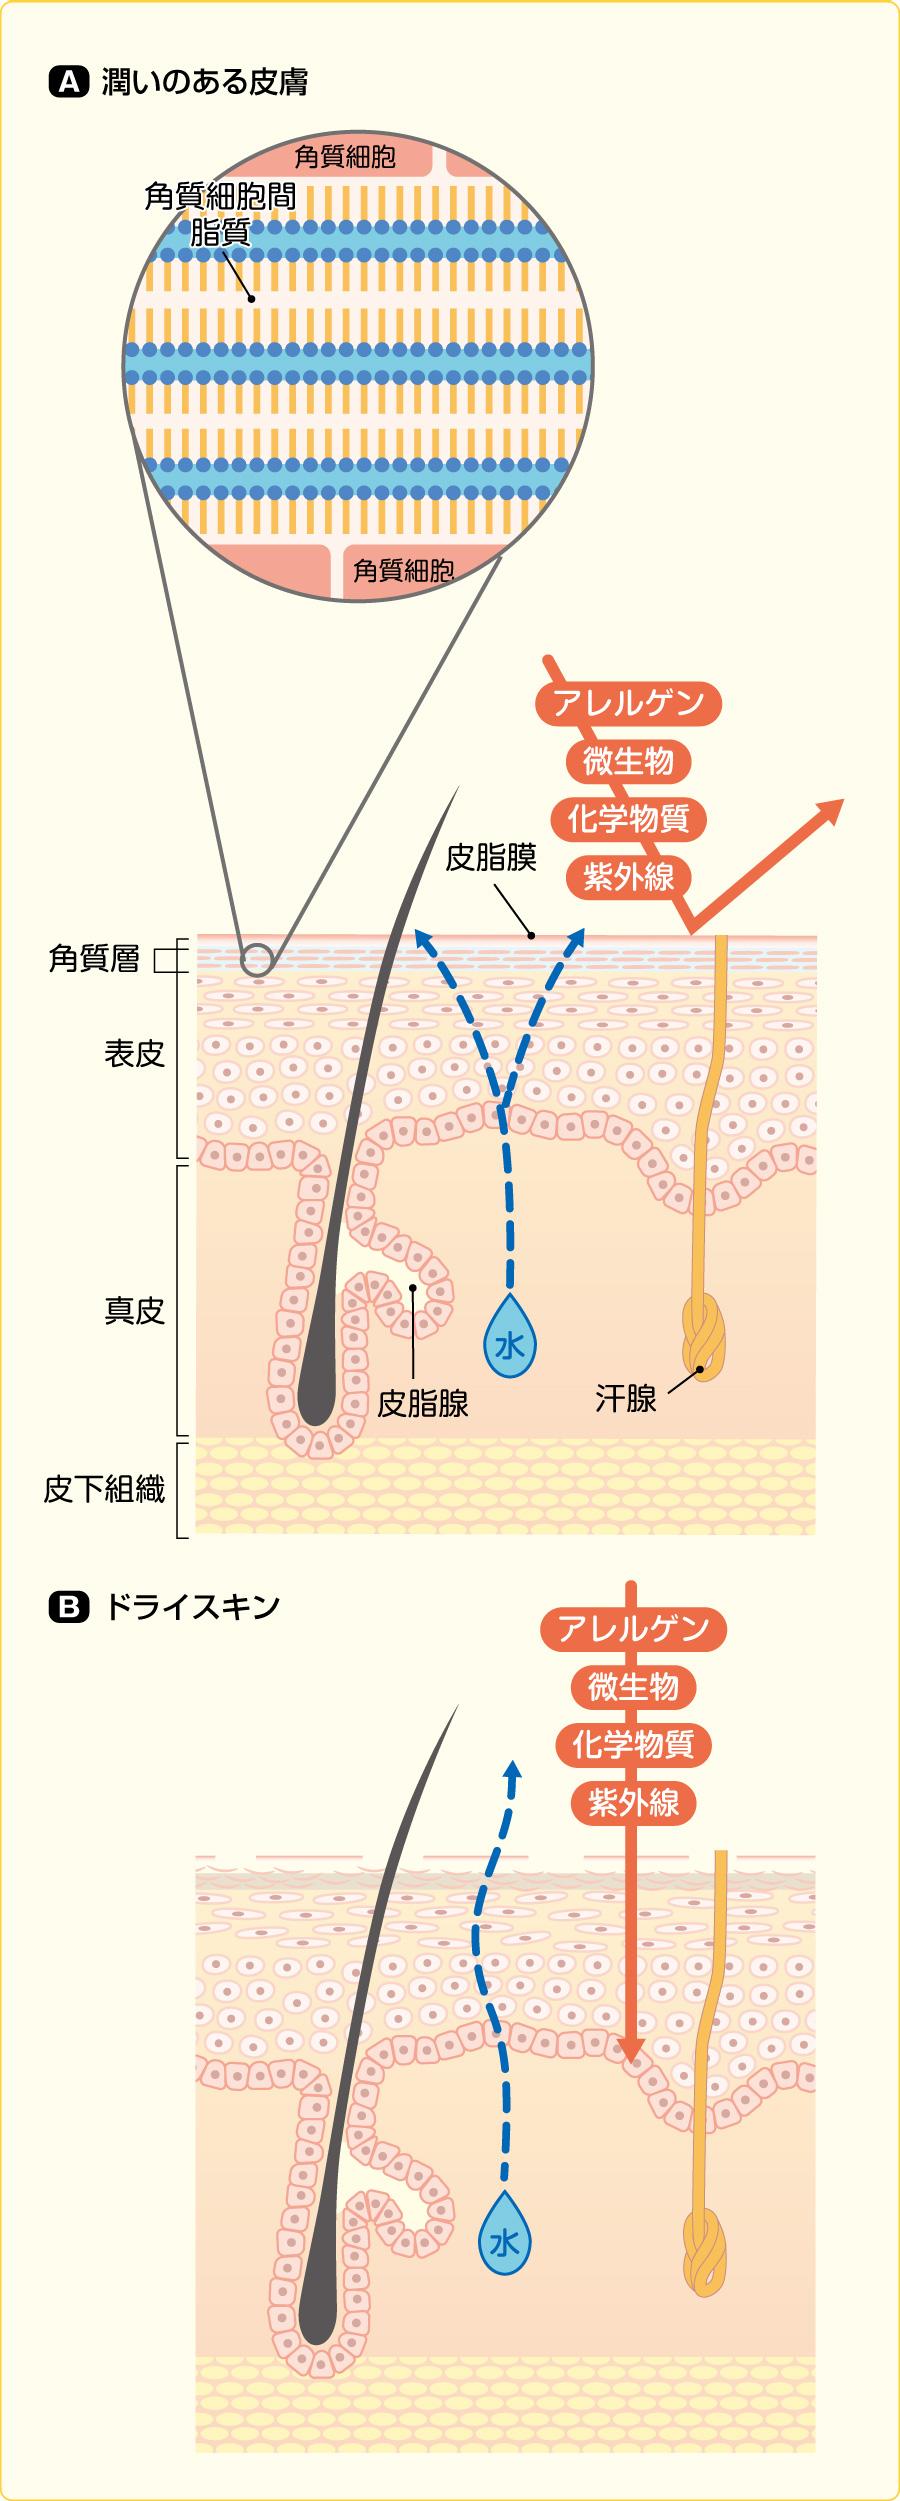 角質バリア機能:潤いのある皮膚とドライスキンの比較